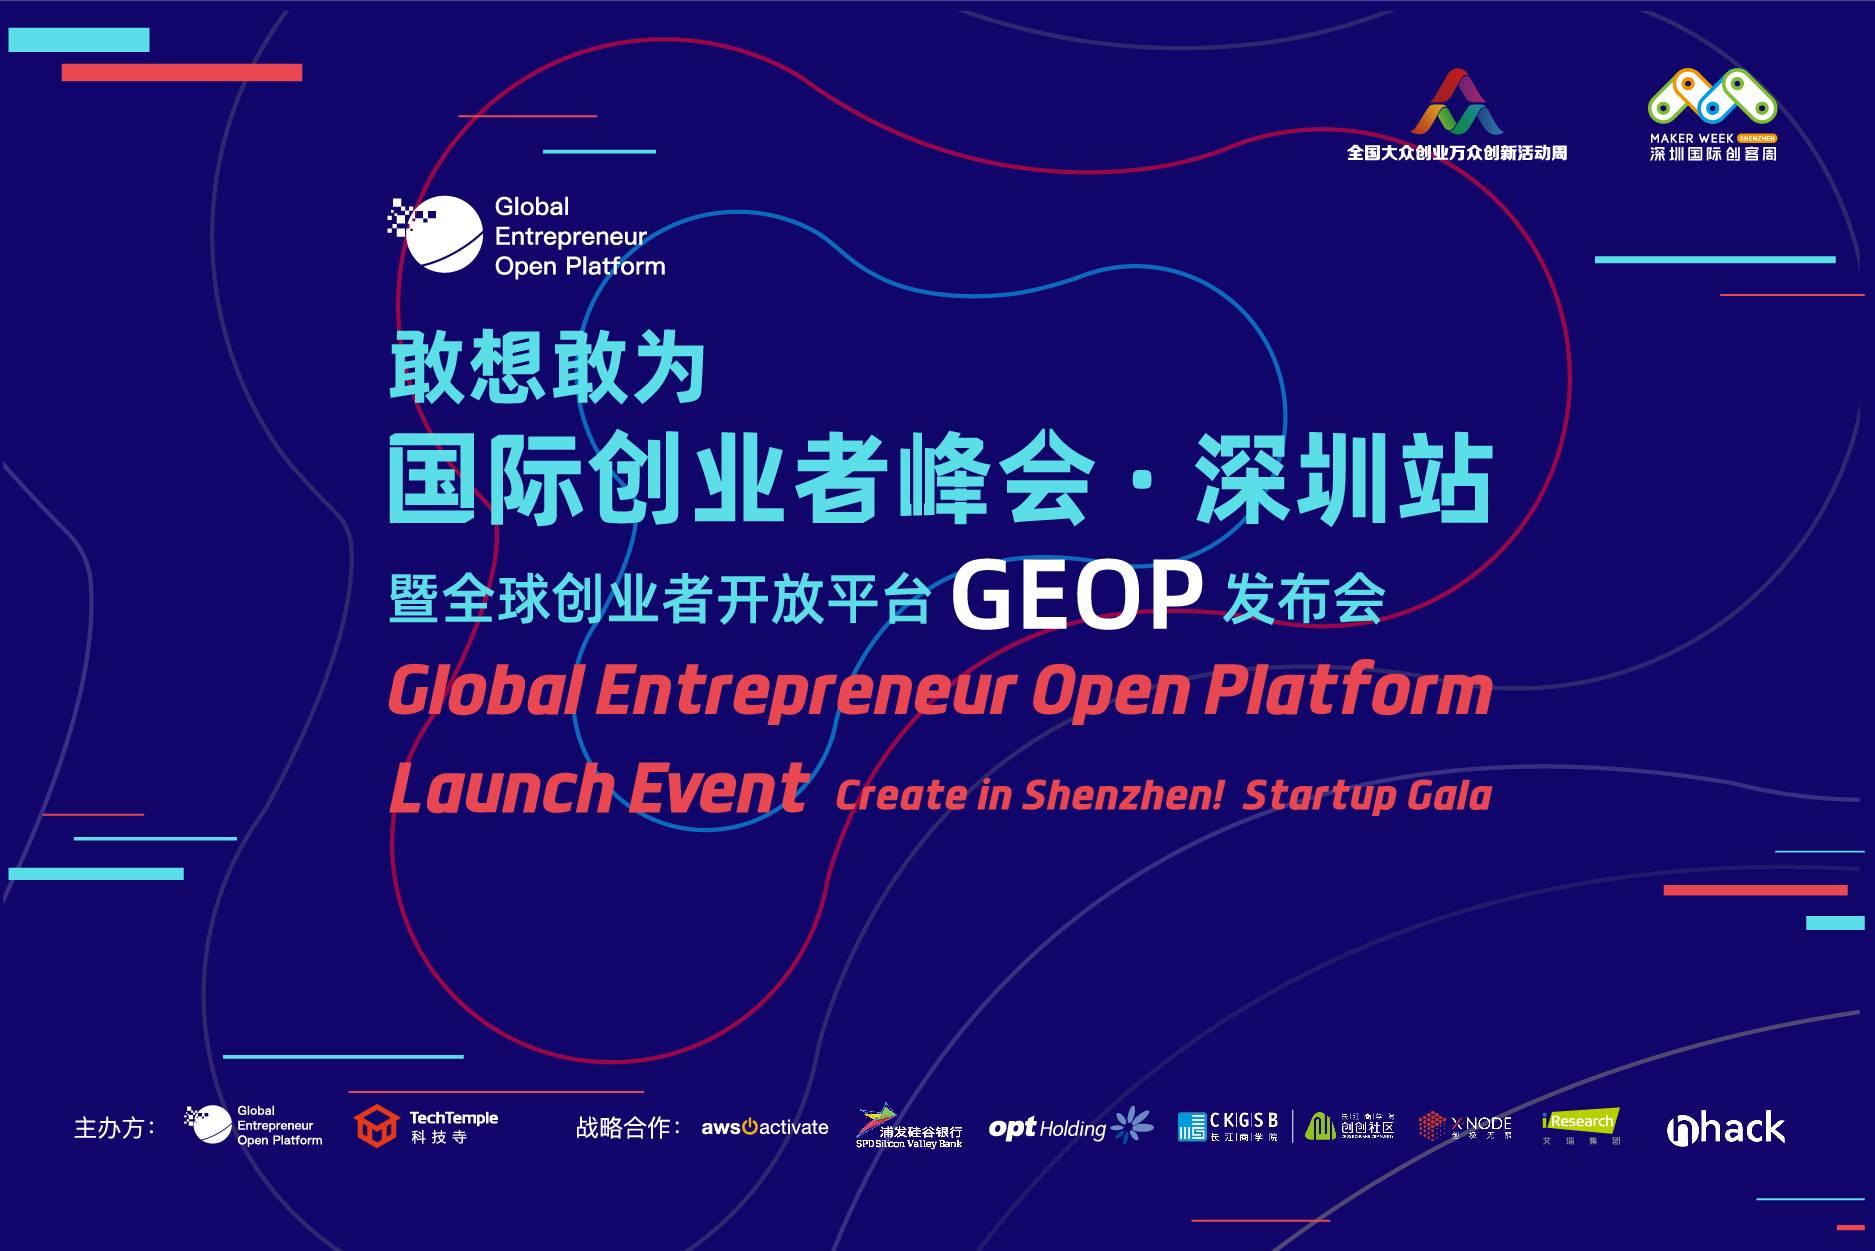 国际创业者峰会·深圳站 暨 全球创业者开放平台GEOP发布会